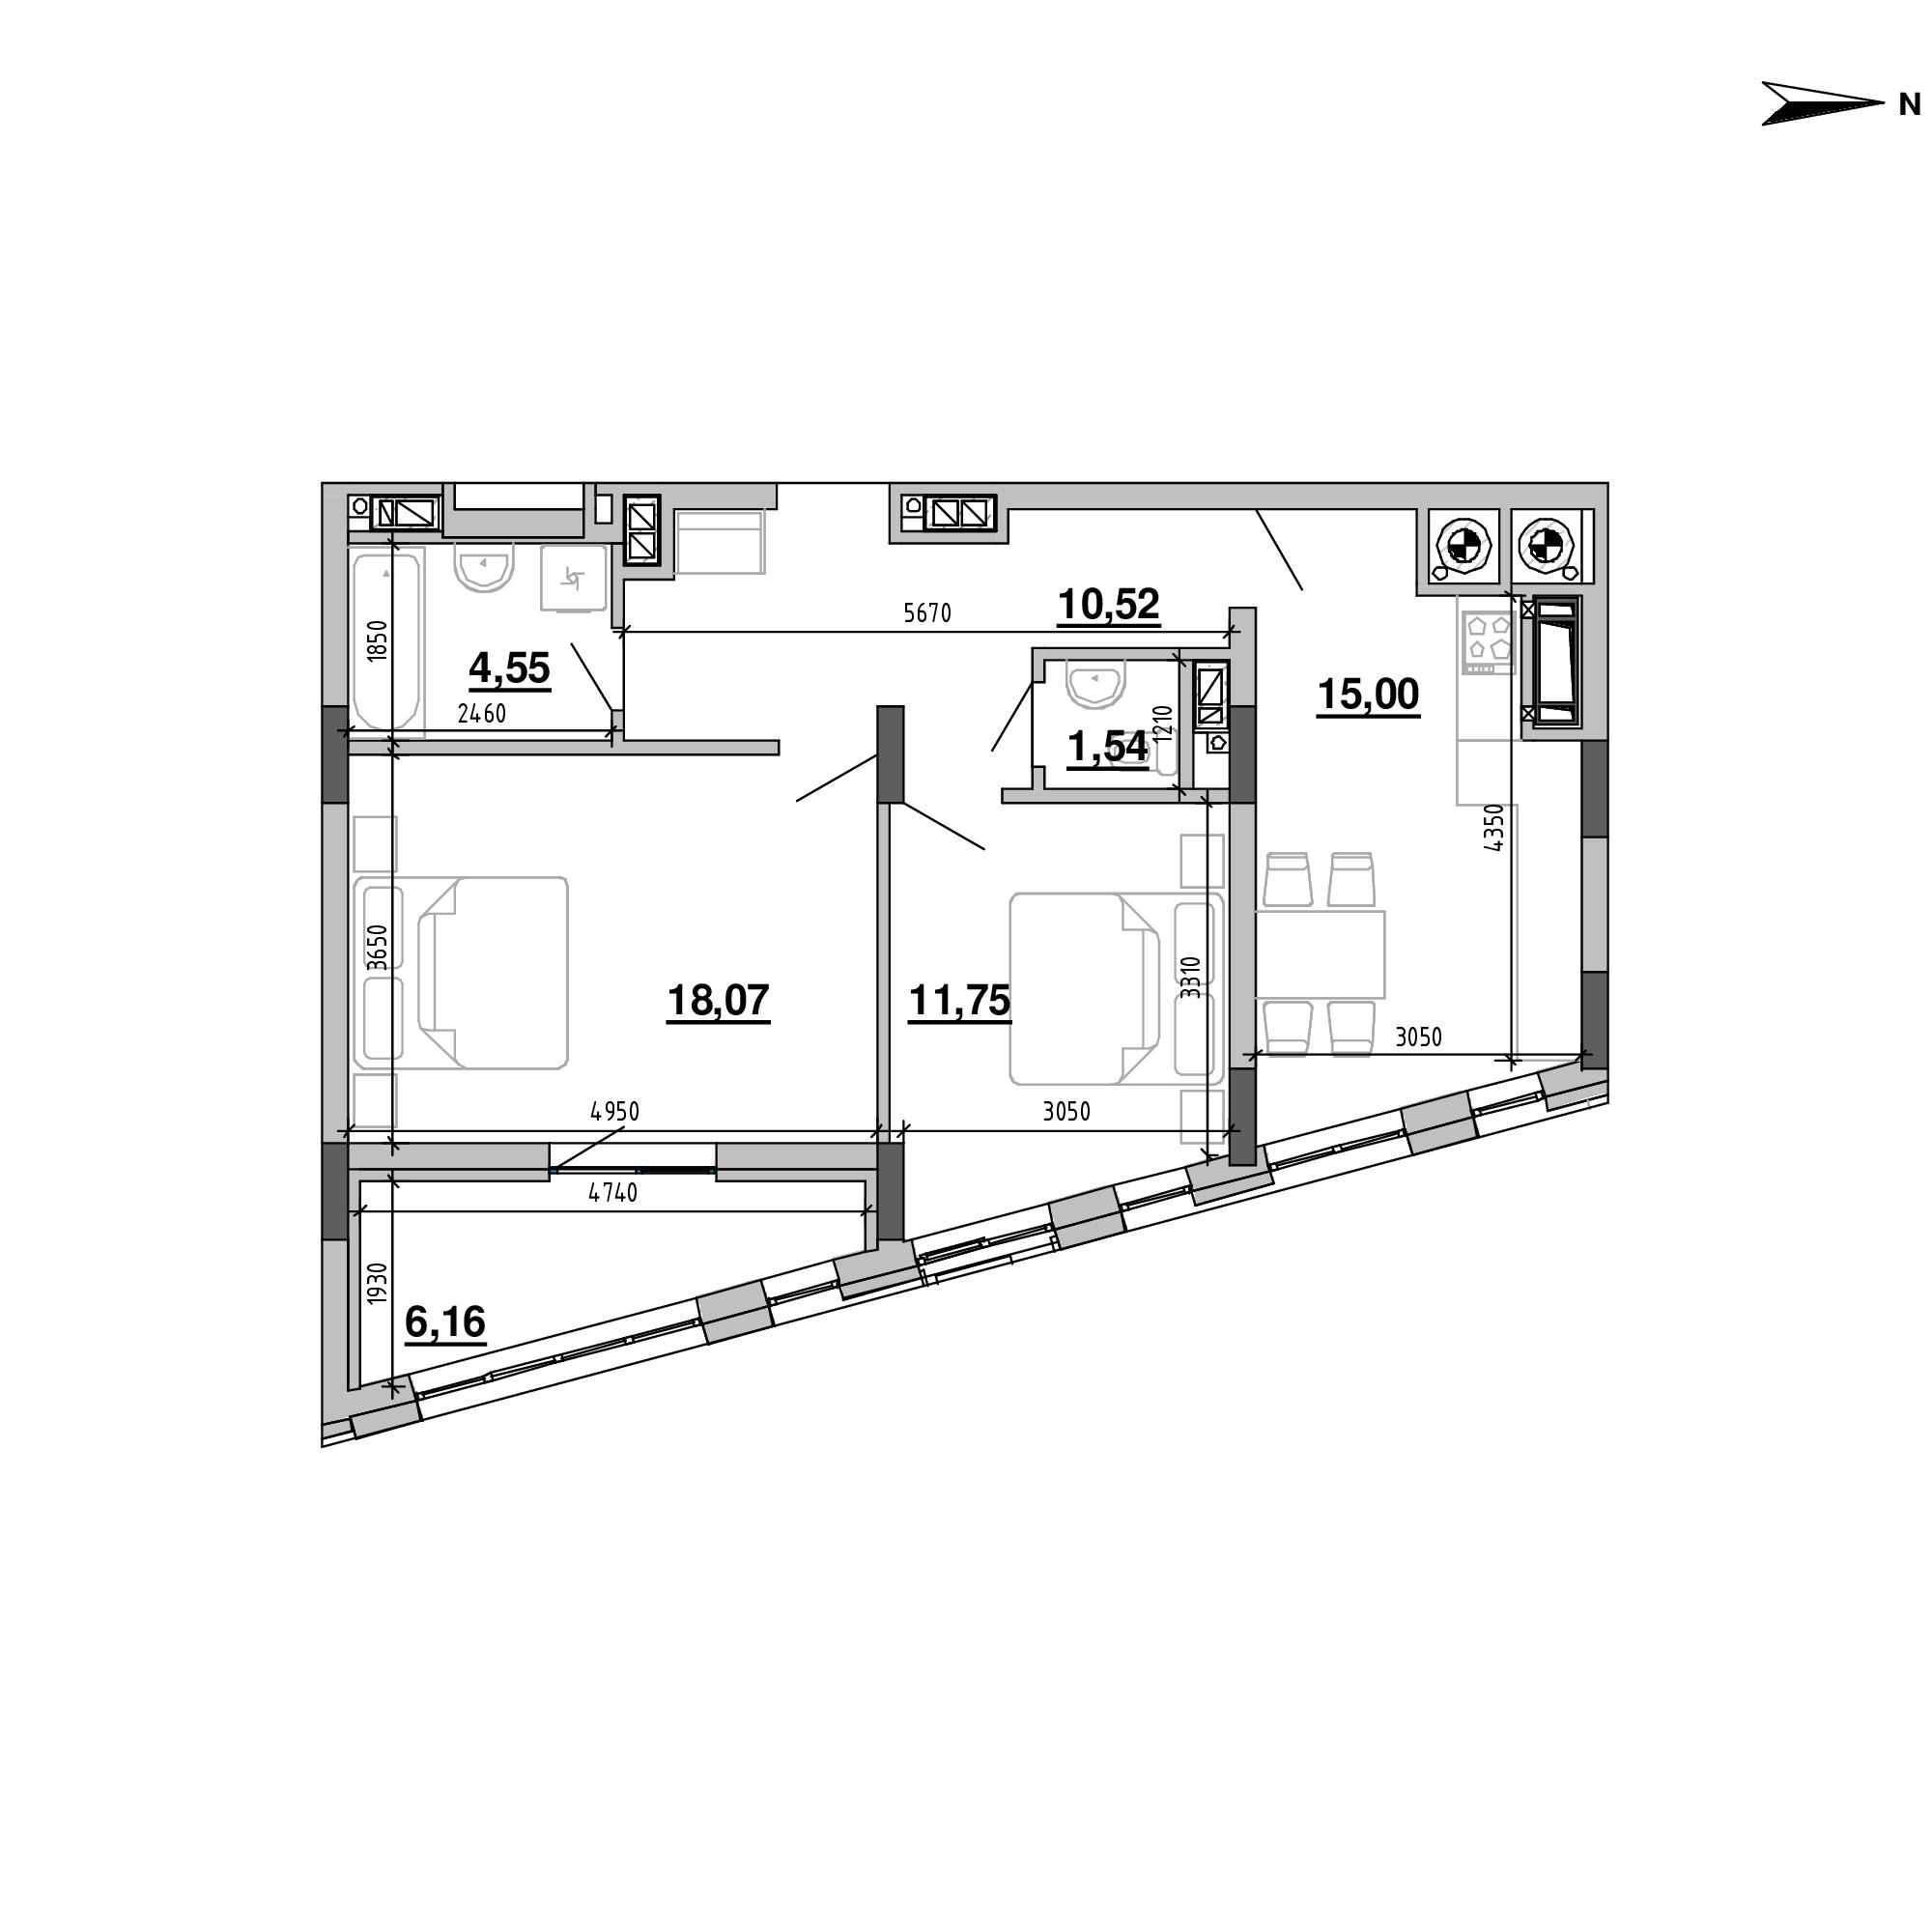 ЖК Підзамче. Вежа: планування 2-кімнатної квартири, №28, 67.59 м<sup>2</sup>